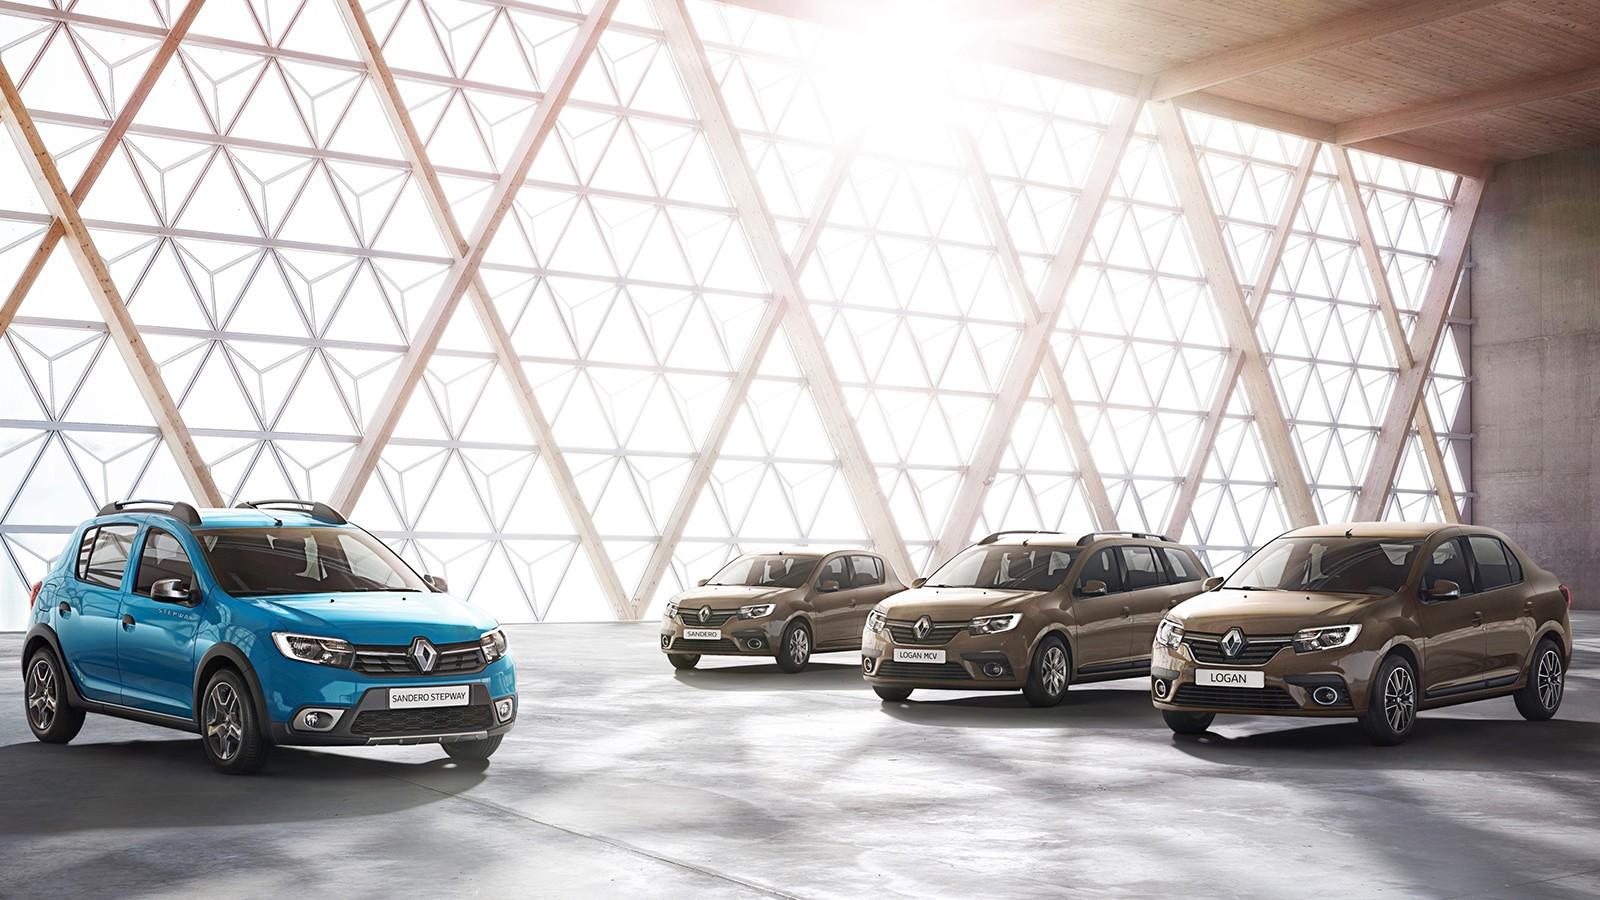 Официальное фото обновлённых Renault Logan и Sandero